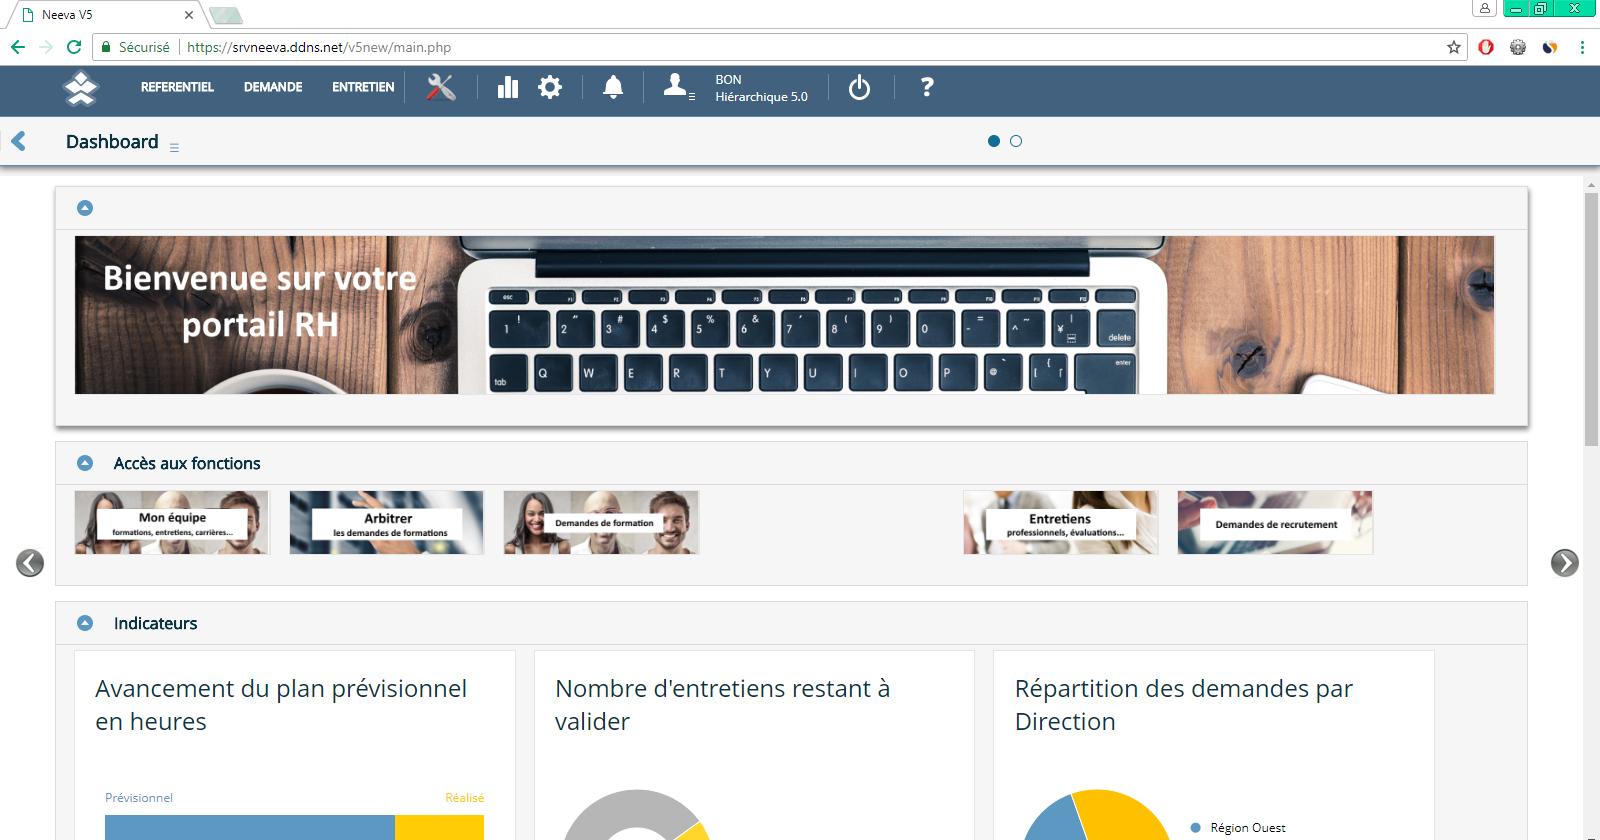 Avis NEEVA : Solution de gestion des ressources humaines - Appvizer